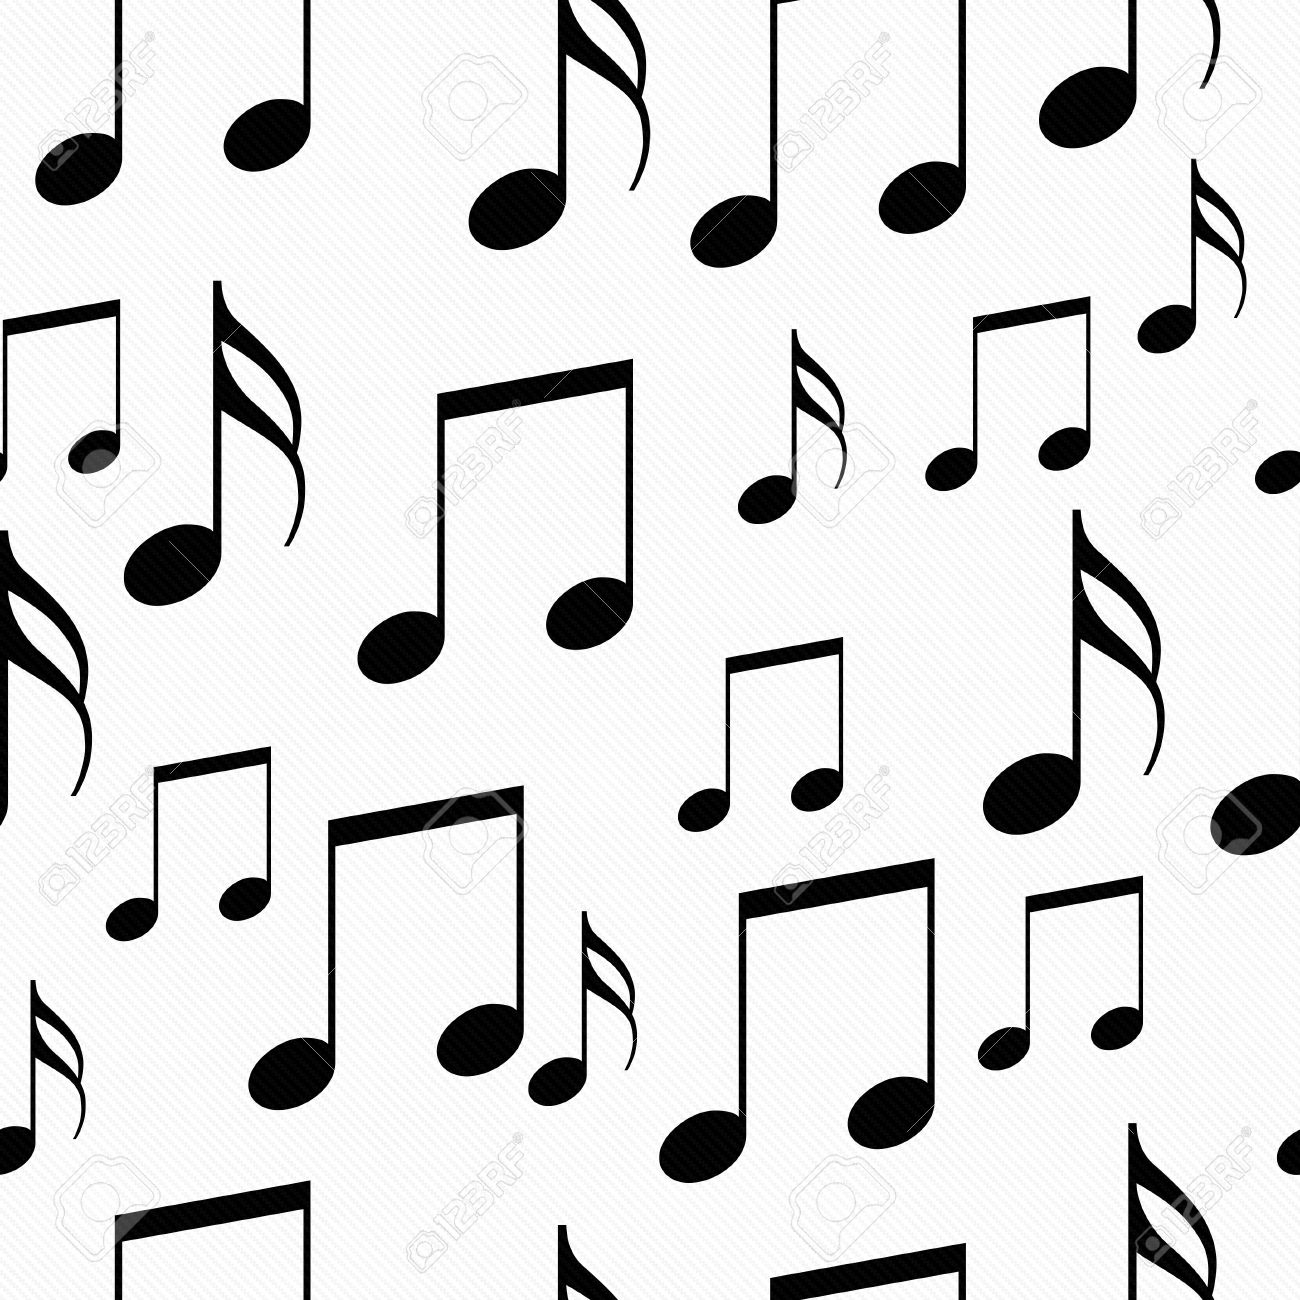 Immagini Stock In Bianco E Nero Note Di Musica Del Reticolo Delle